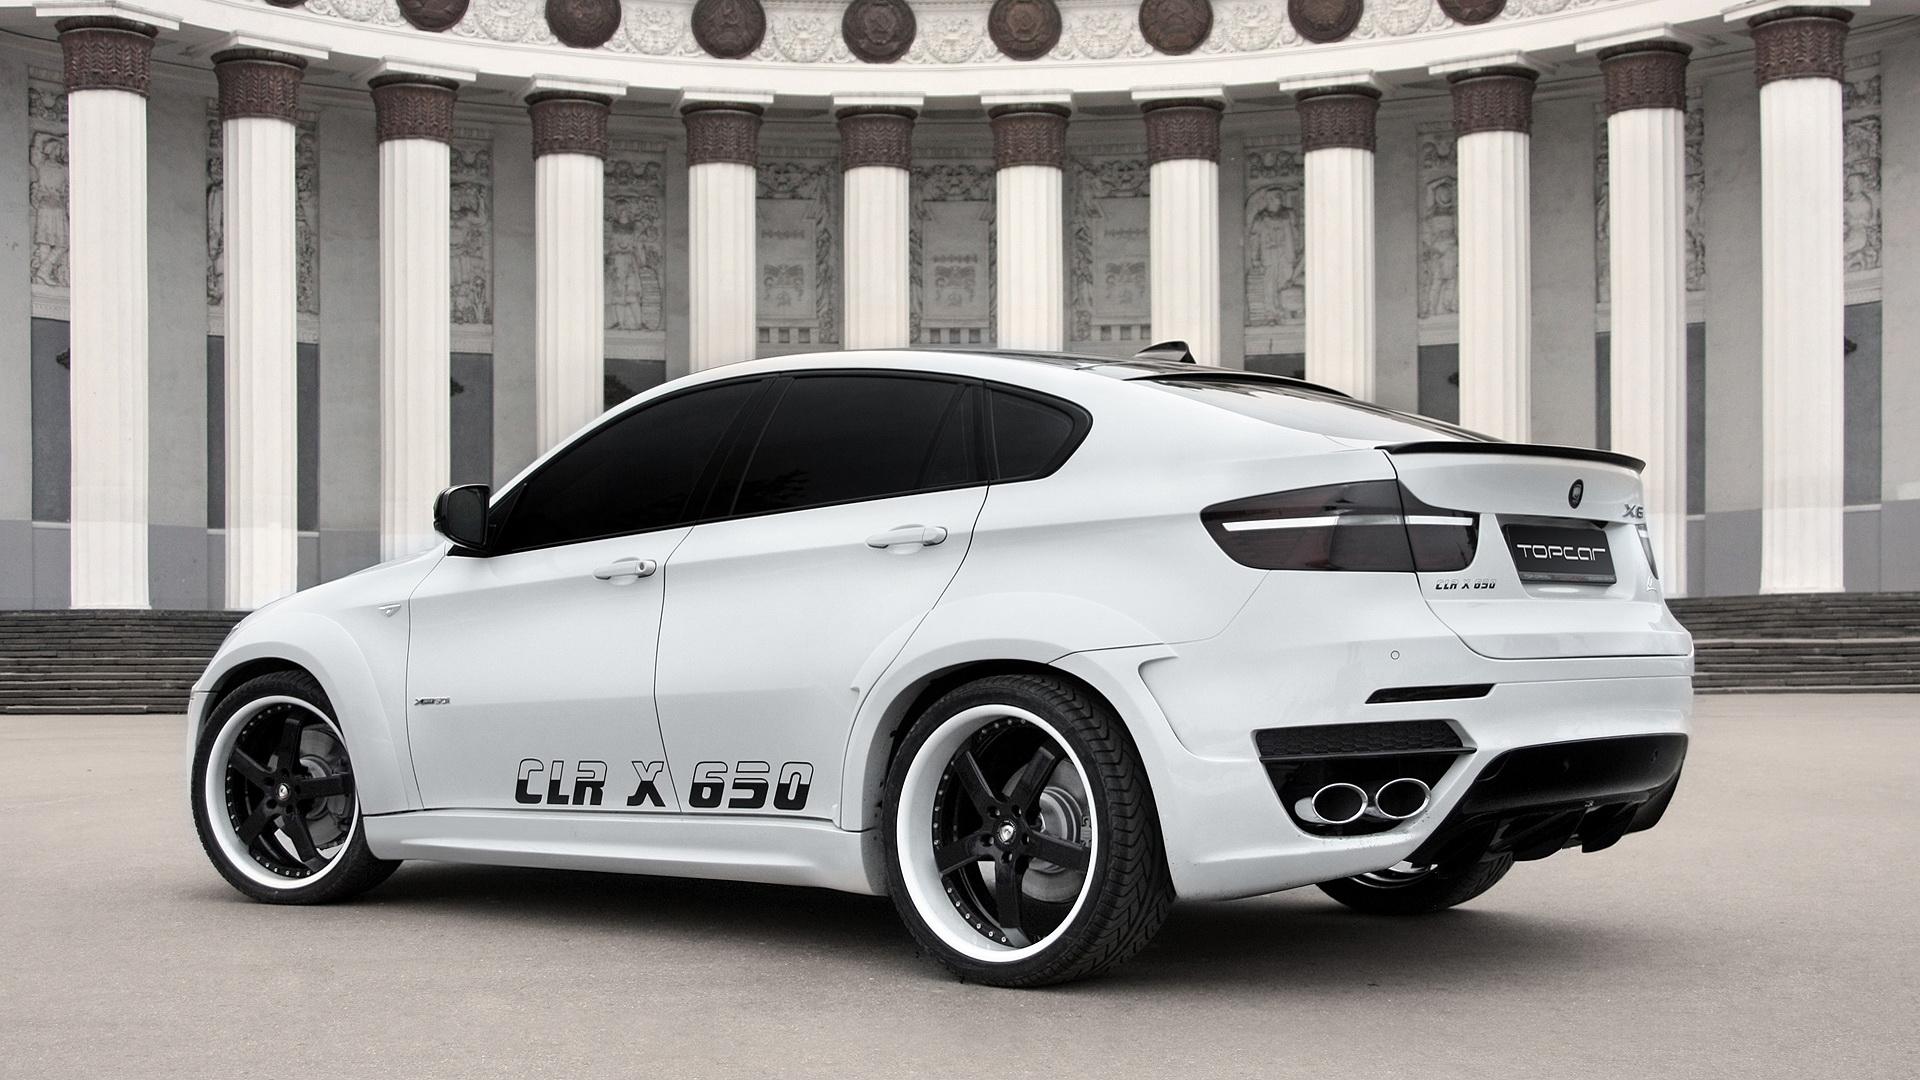 BMW X6 Car Tuning